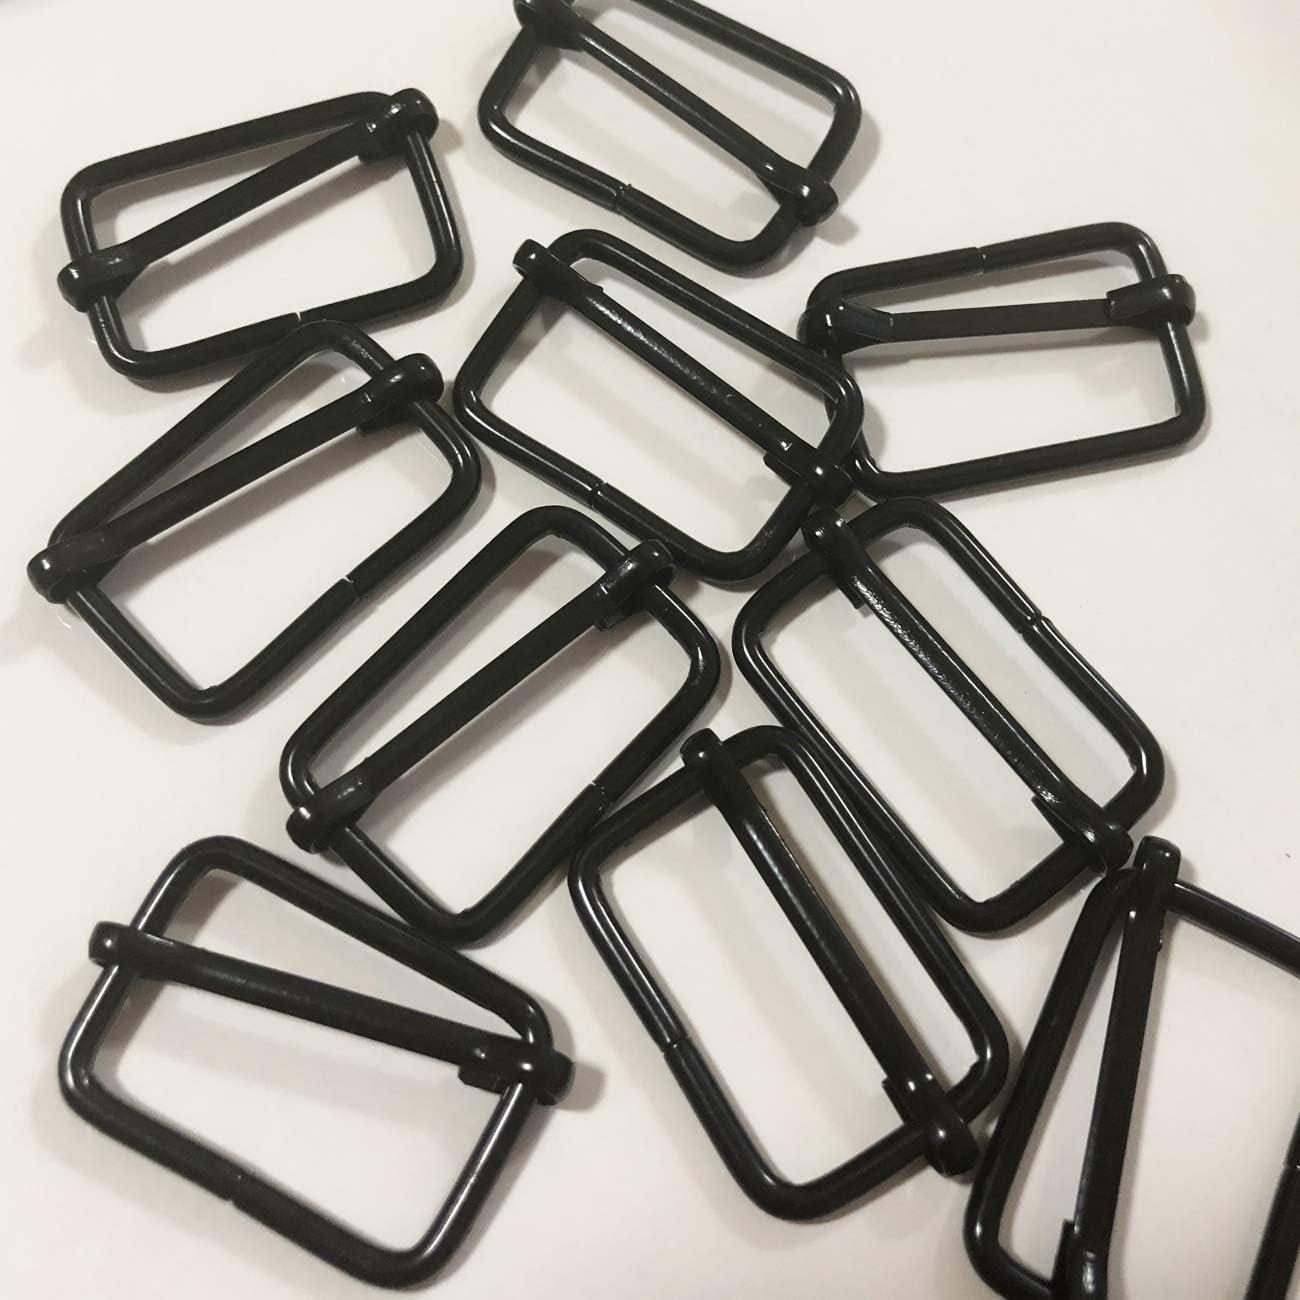 Backpack DIY Accessories Strap Acronde 50PCS 1 Metal Slide Buckle Triglides Slides Rectangle Adjustable Webbing Slider for Fasteners